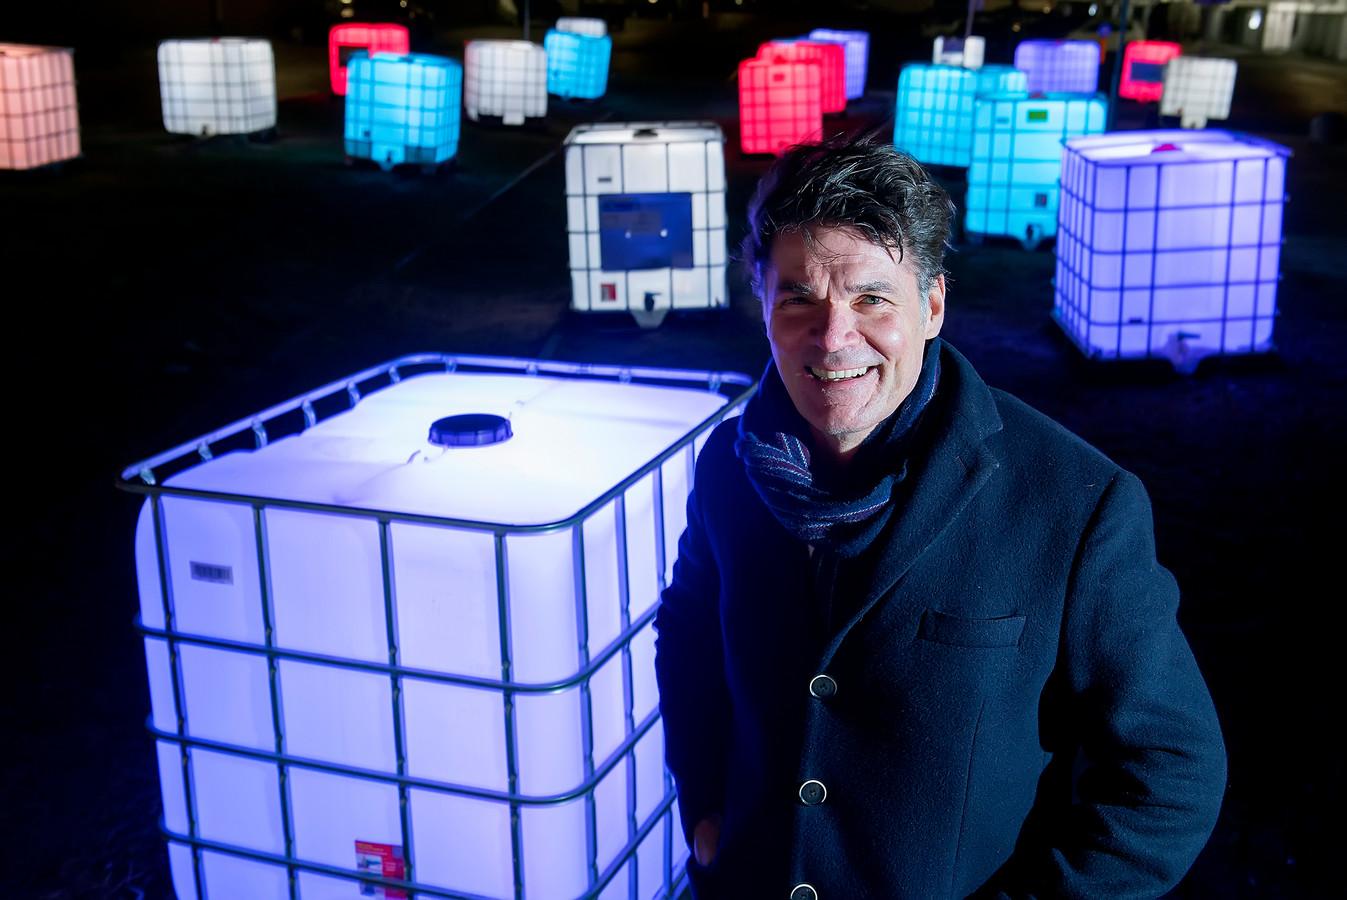 Burgemeester Paul Depla van Breda bij het lichtkunstwerk aan de Speelhuislaan.